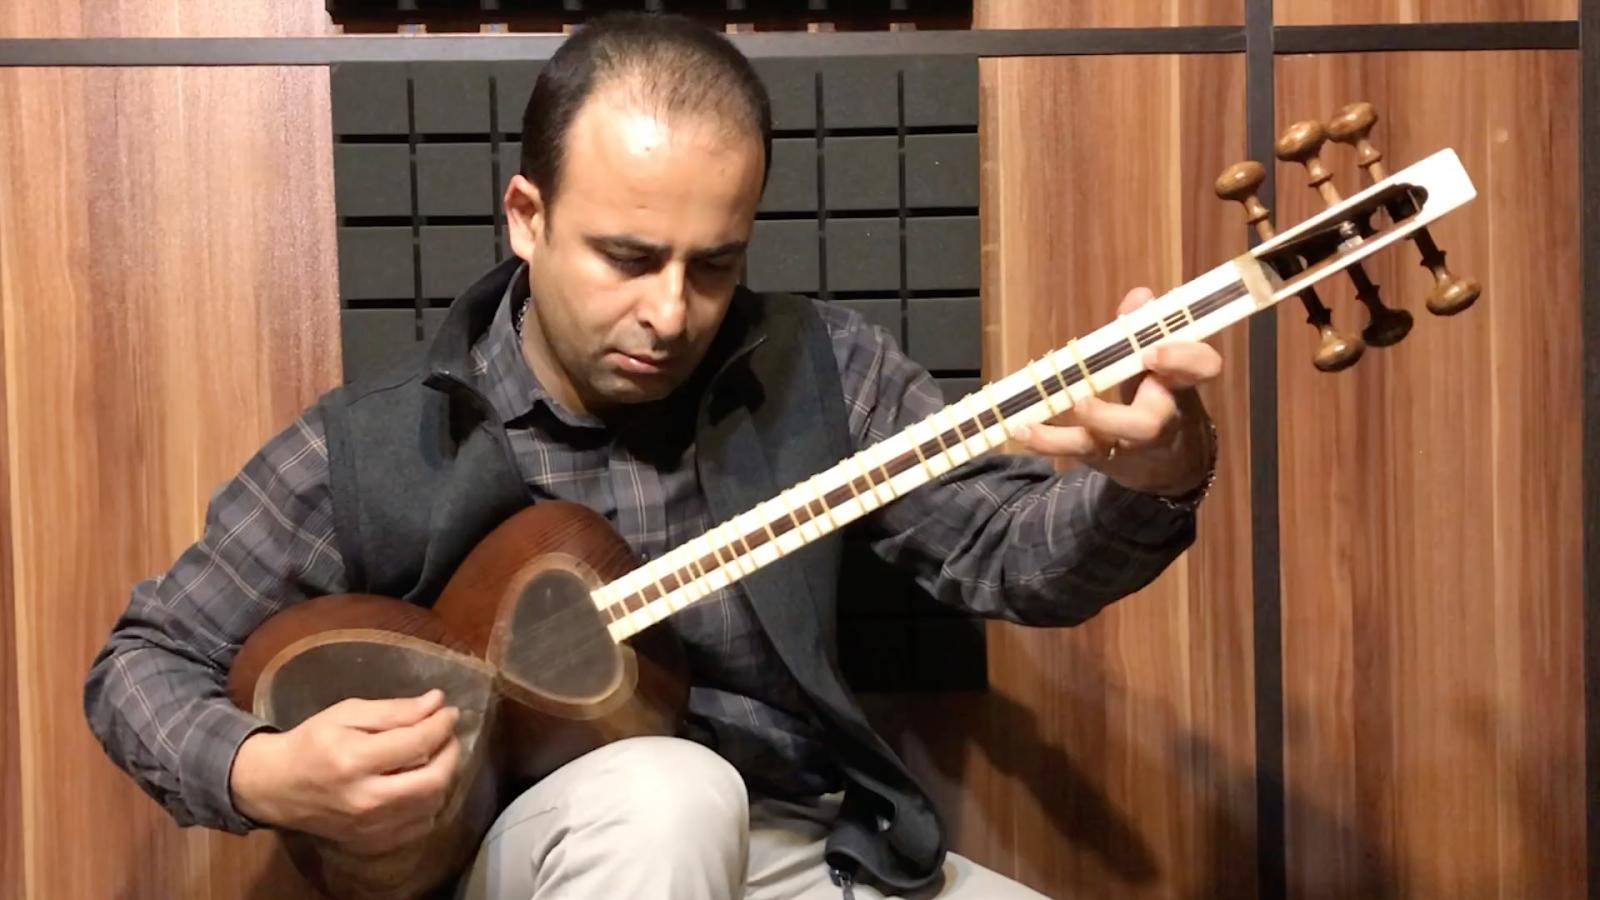 پیشدرآمد اصفهان اصغر بهاری نیما فریدونی تار